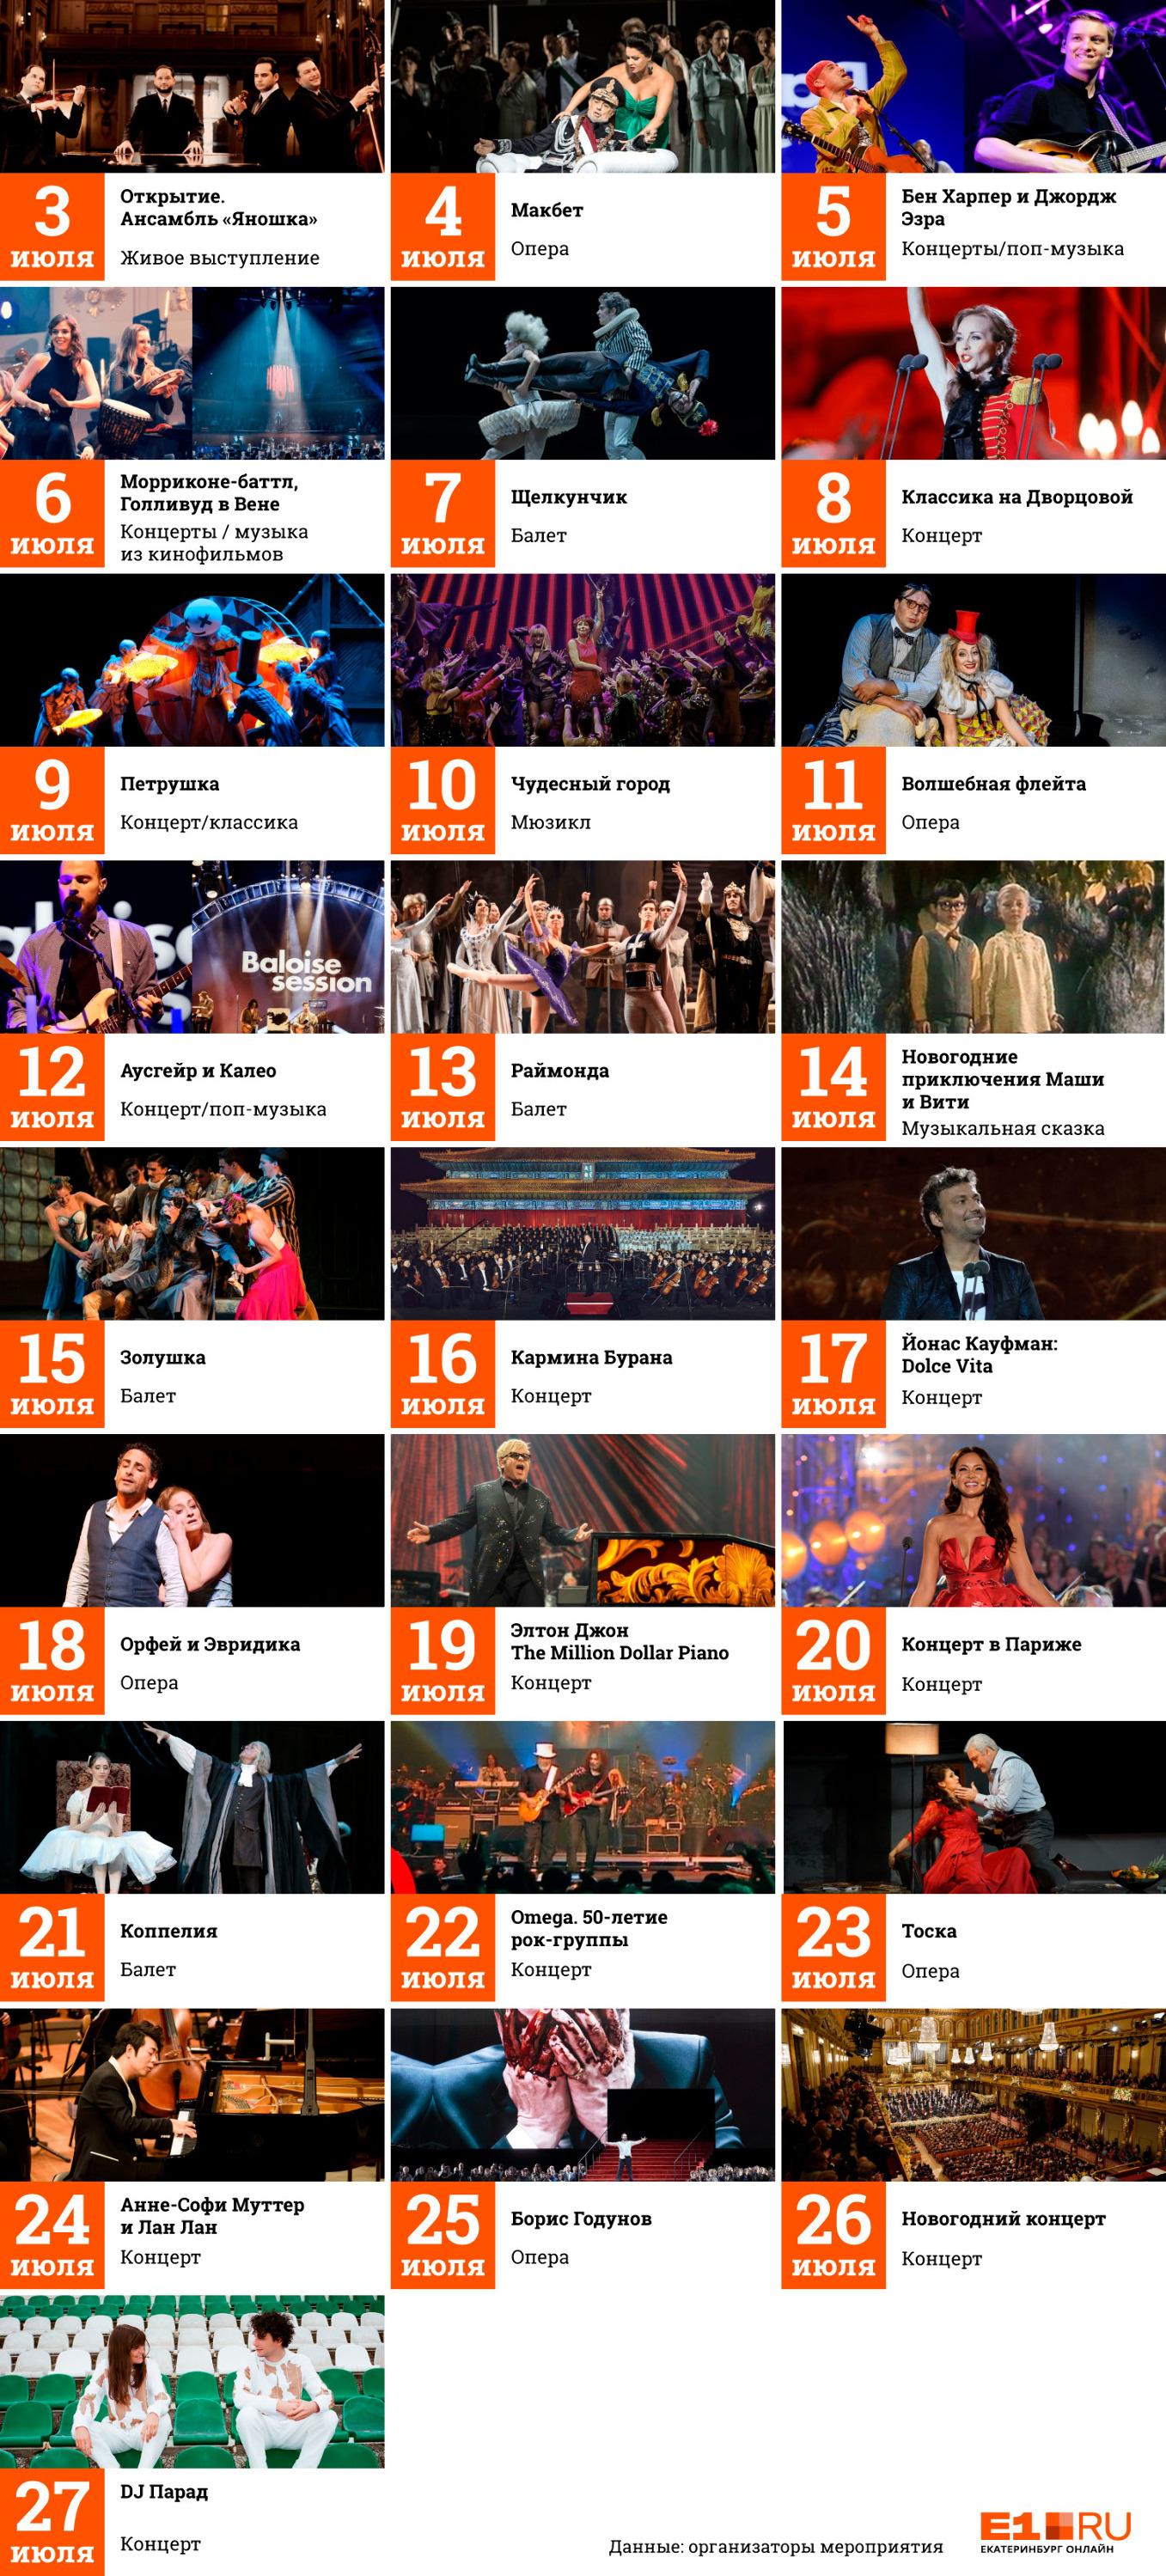 Полное расписание Венского фестиваля музыкальных фильмов в Екатеринбурге. Сохраните в закладки, чтобы не потерять